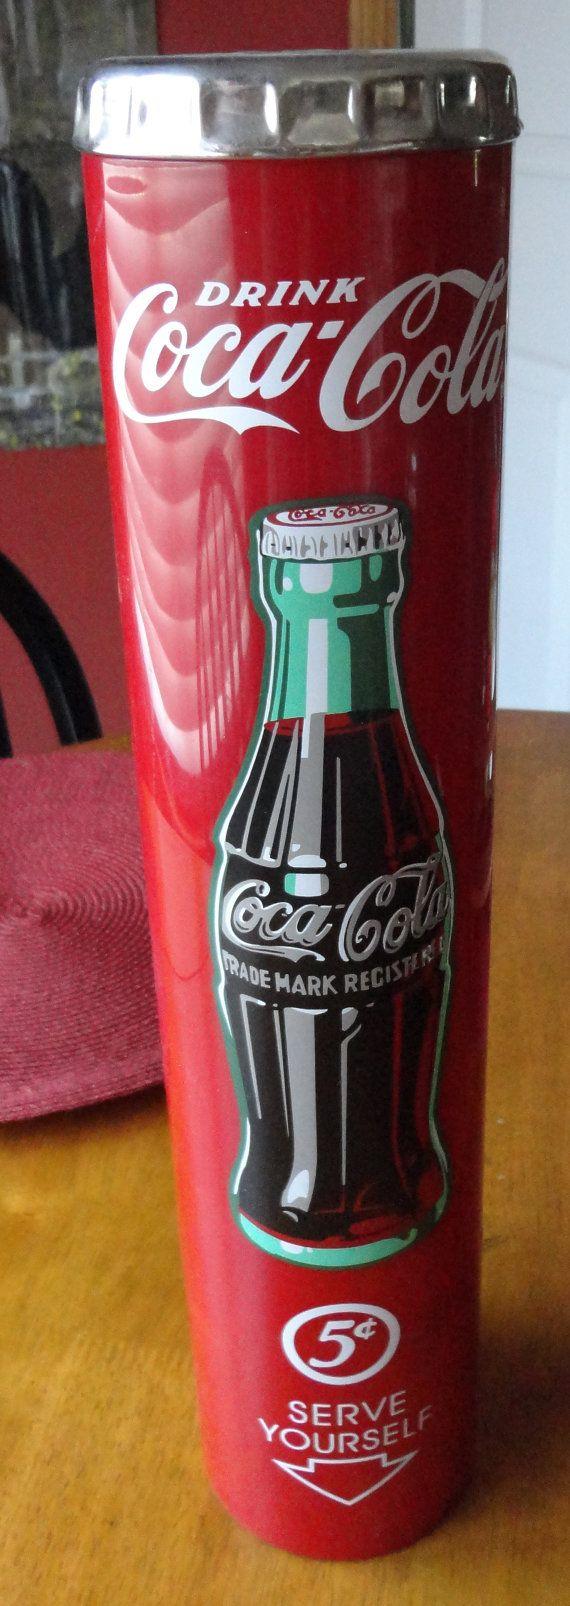 Vlintage Coca Cola Cup Dispenser